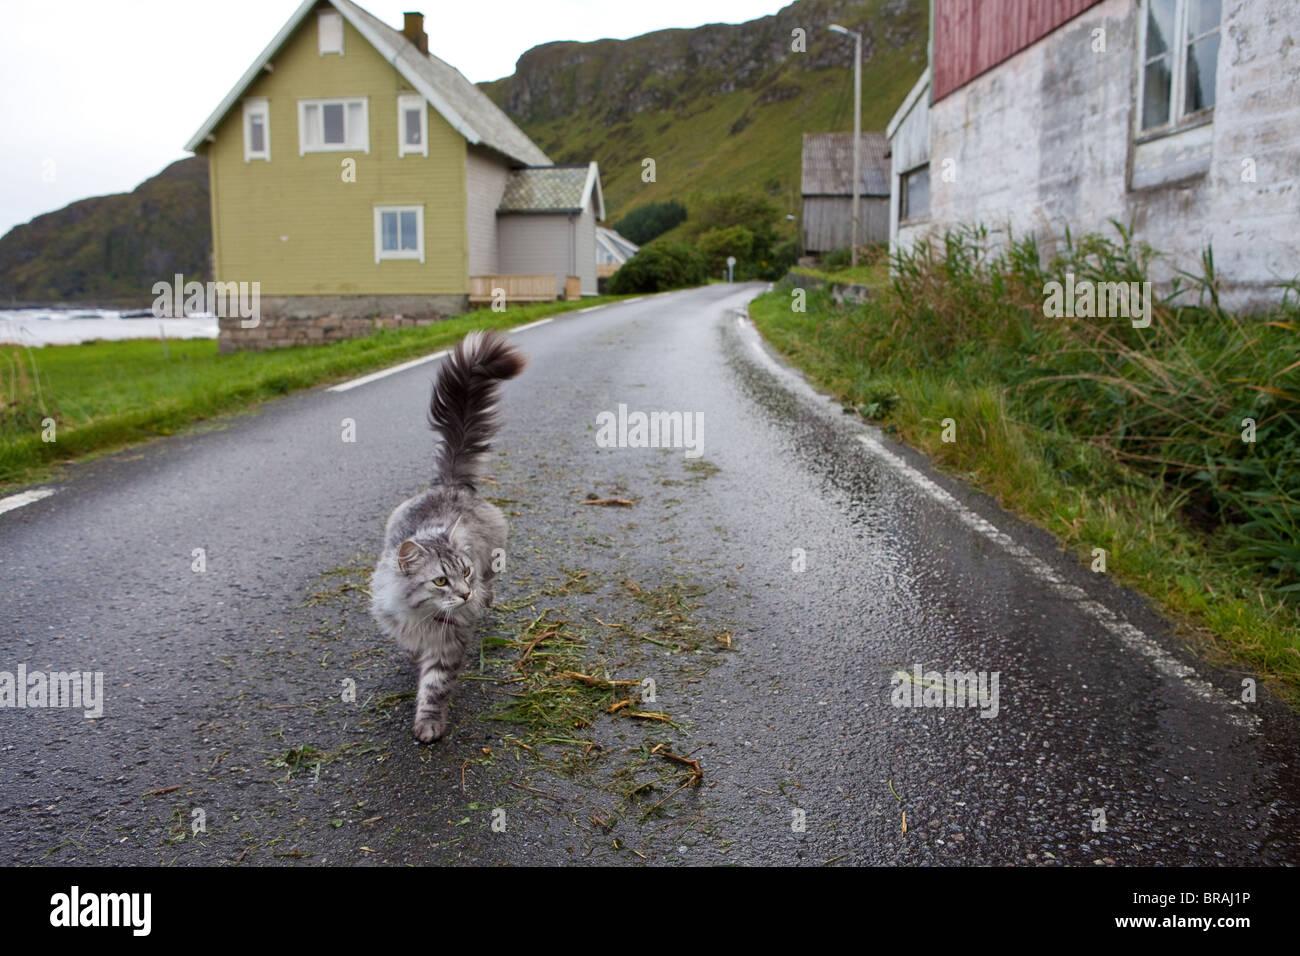 Gato doméstico que vive en la pequeña comunidad en la isla Goksøyr Runde en la costa oeste de Noruega. Imagen De Stock